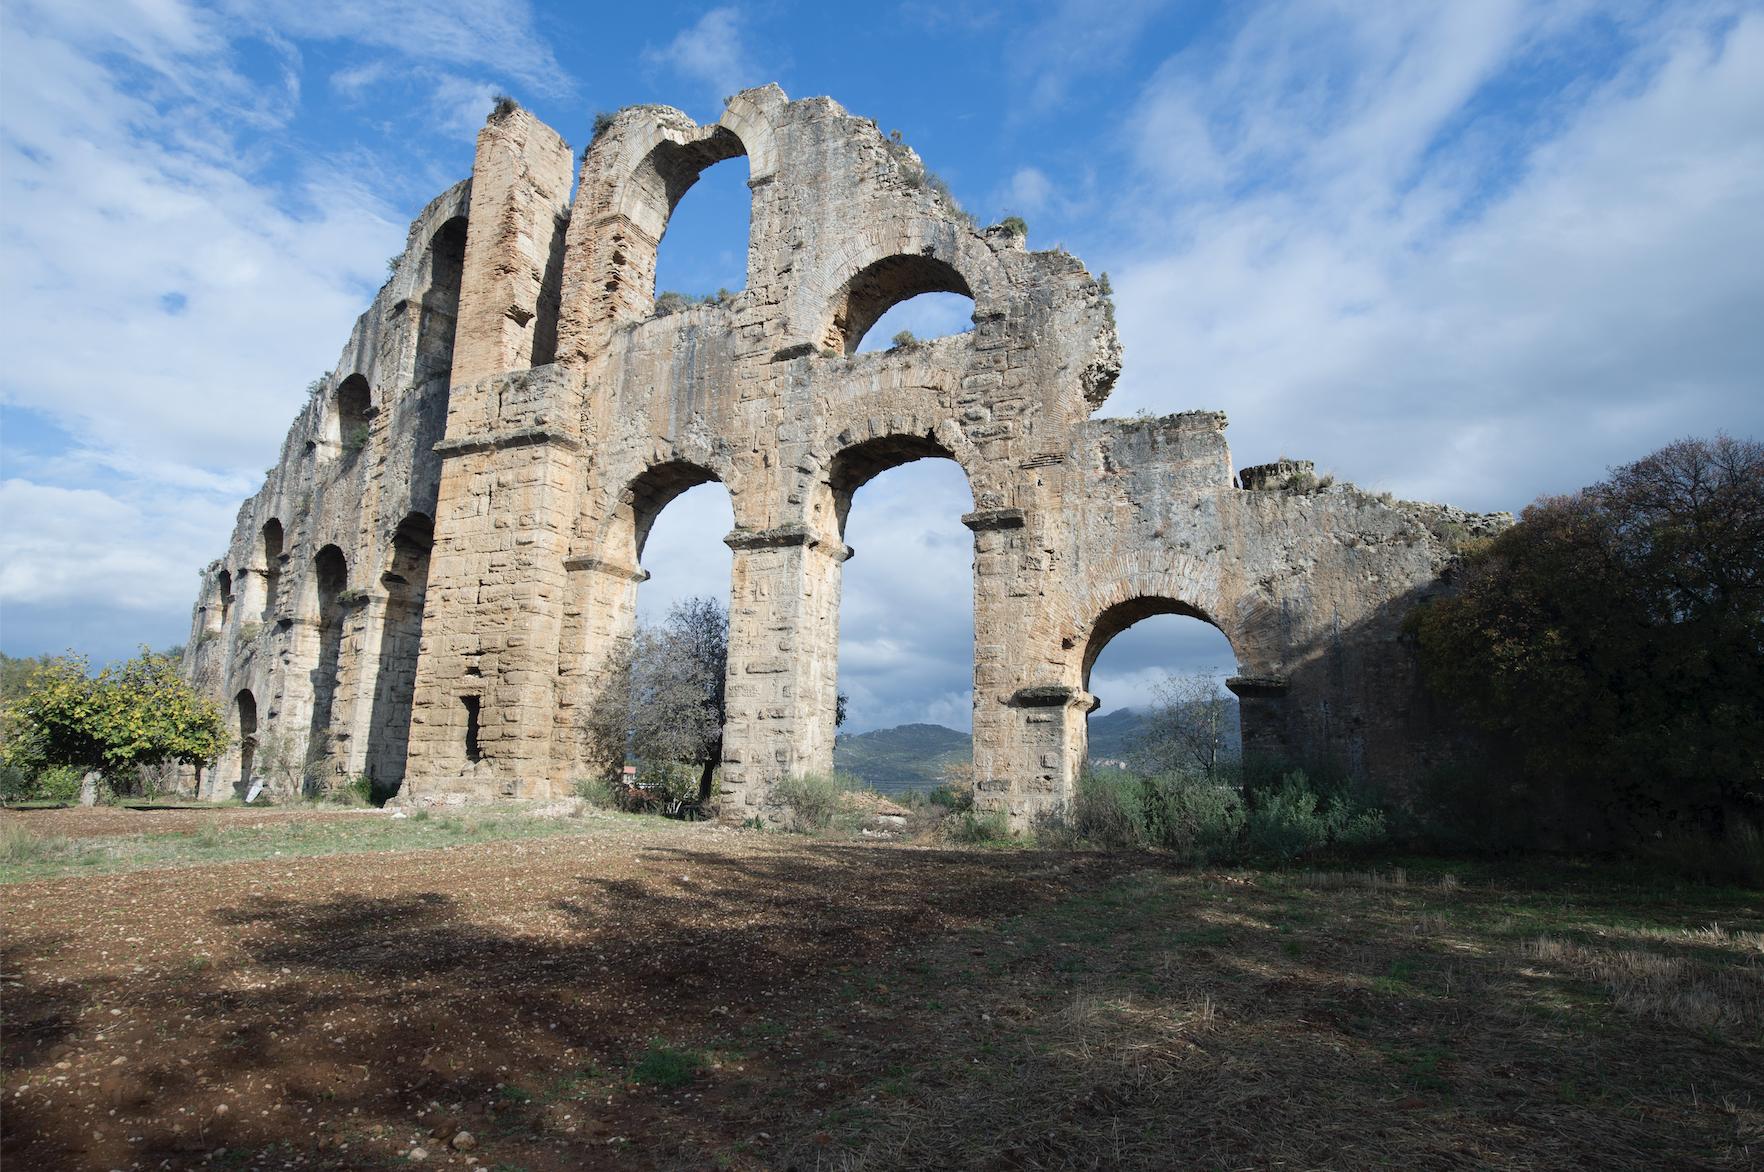 位於現代土耳其的阿斯彭多斯古城的羅馬水渠。像這樣的許多技術革新在羅馬文明崩潰後的整個歷史時期都消失了。//圖片來源:Dosseman